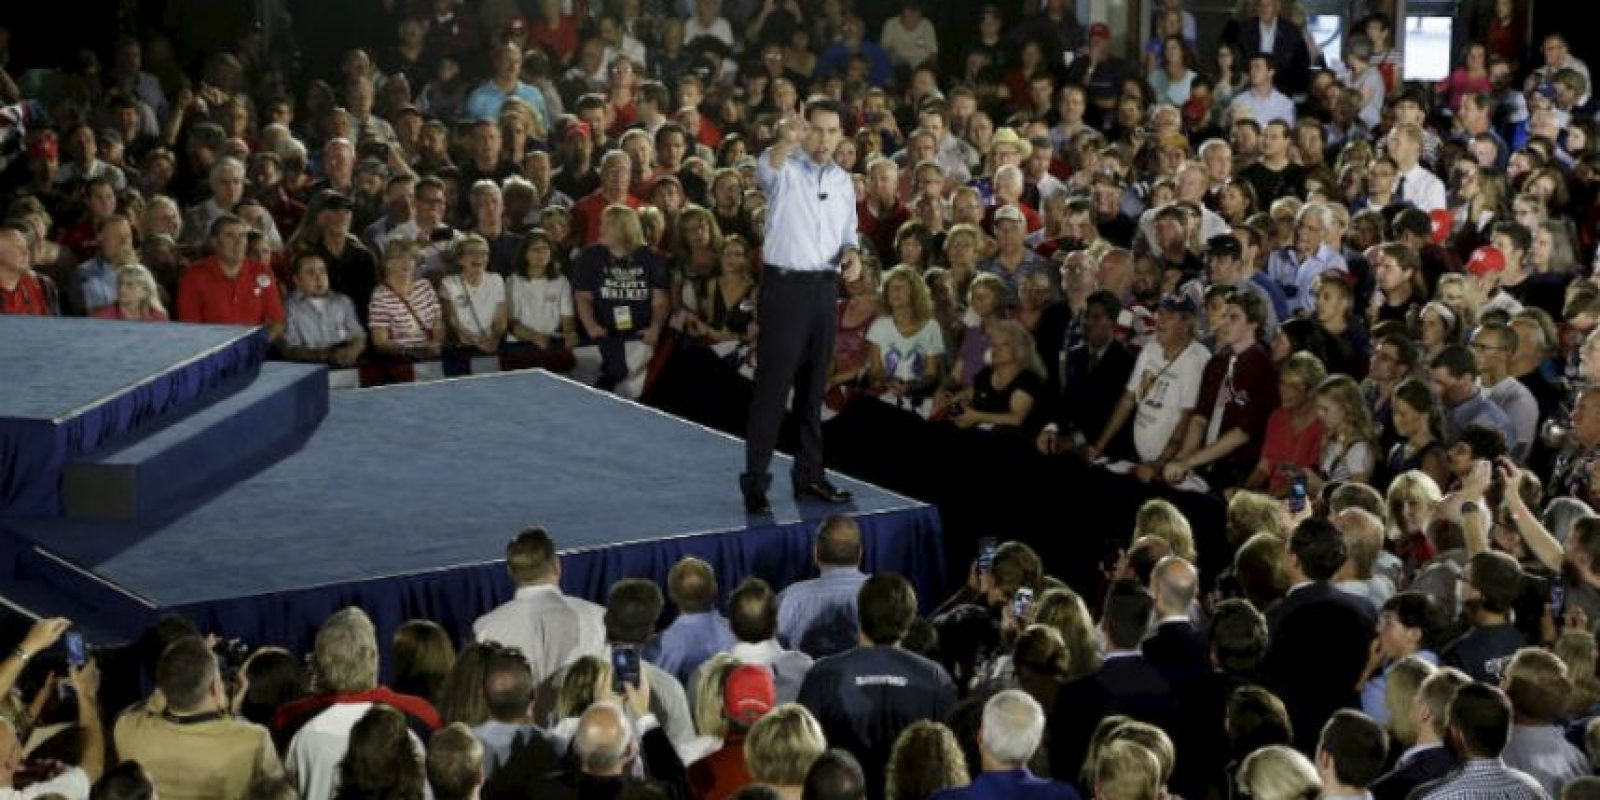 Sin embargo, hizo oficial su candidatura en Waukesha, una ciudad ubicada en Wisconsin. Foto:AP